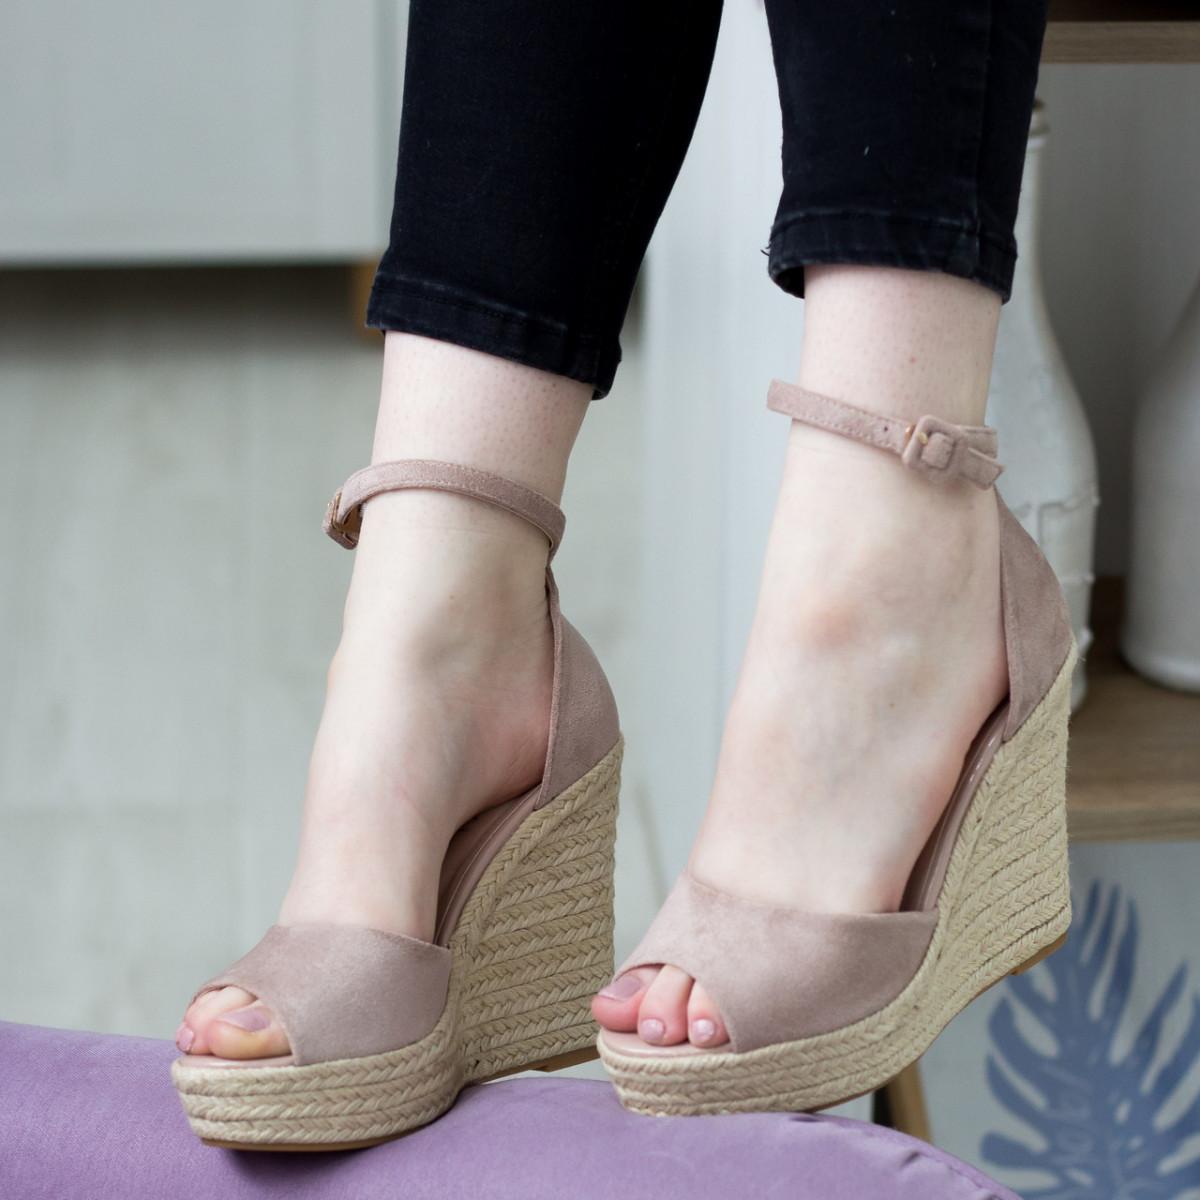 Жіночі босоніжки Fashion Labelle 2811 36 розмір 23 см Бежевий 38